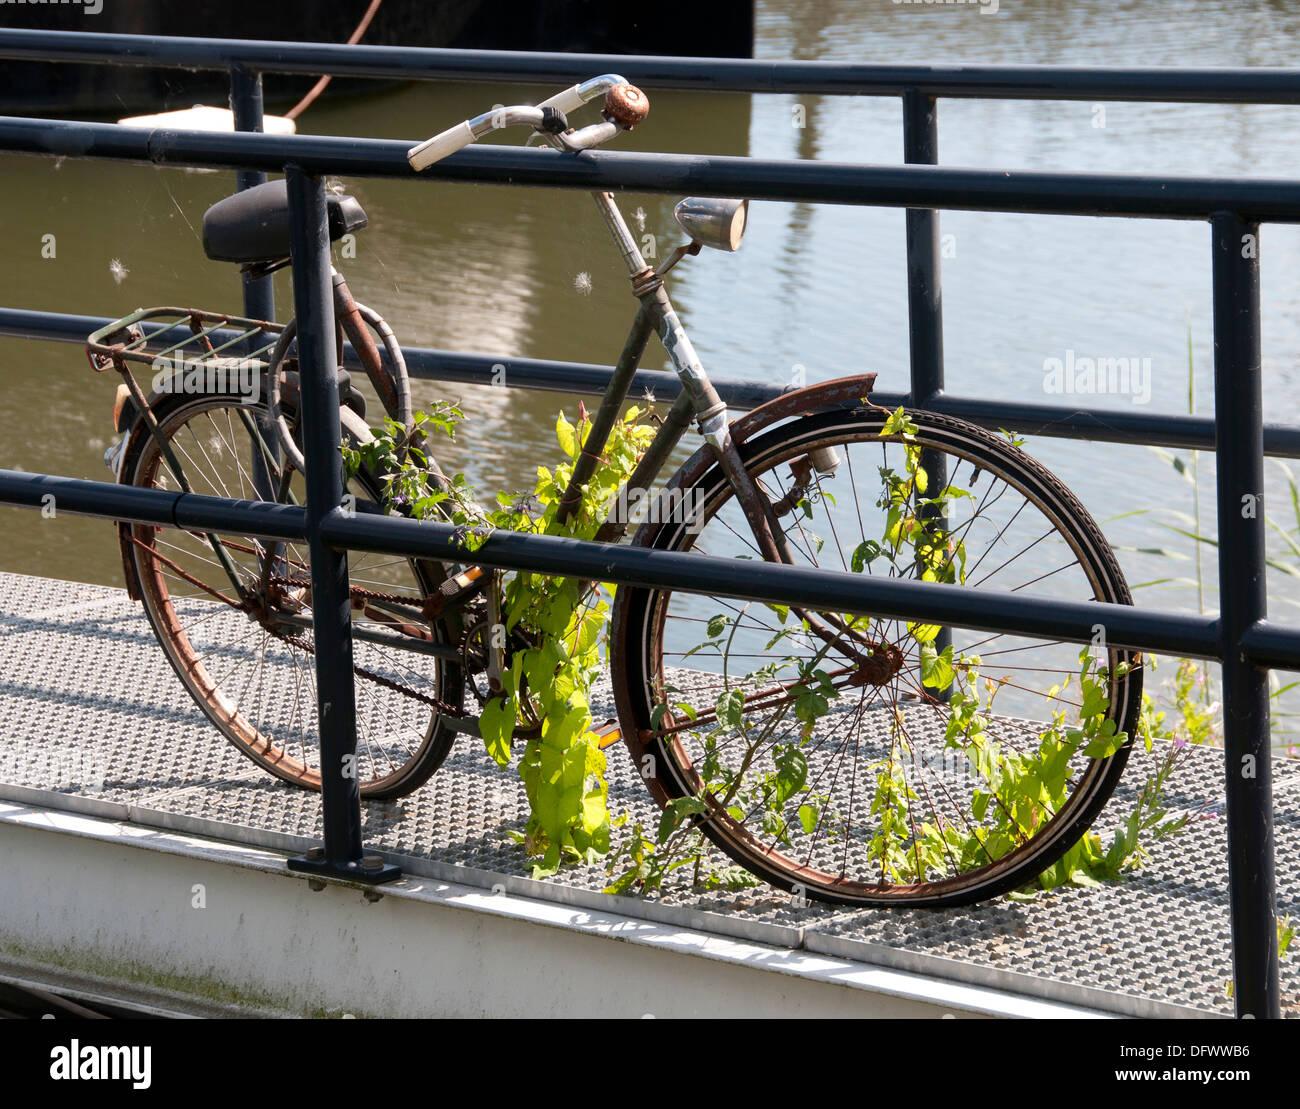 Países Bajos Amsterdam bicicleta bicicleta ciclo ciclos bicicletas bicicletas Ciclismo Ciclismo ciclistas Imagen De Stock